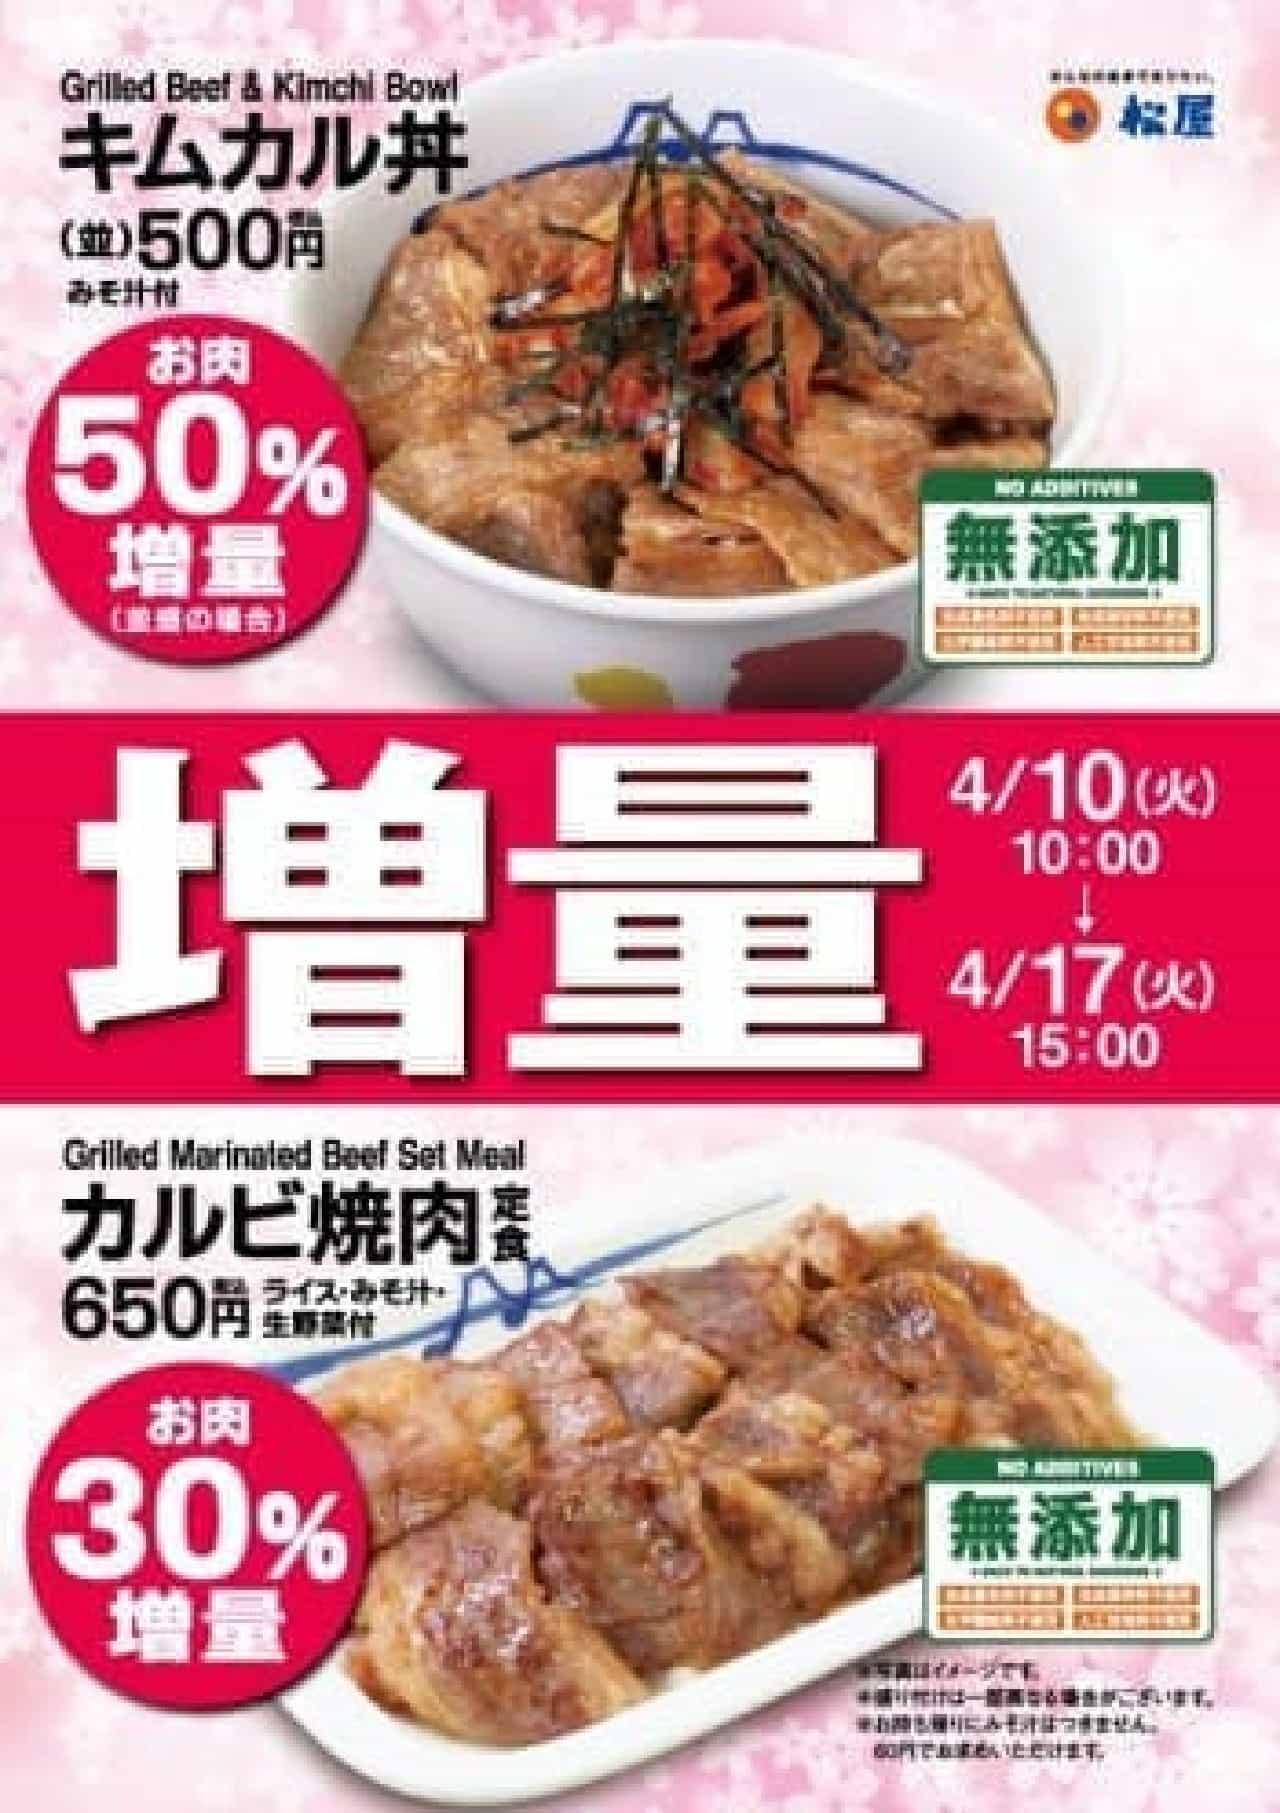 松屋「春のカルビ増量キャンペーン」